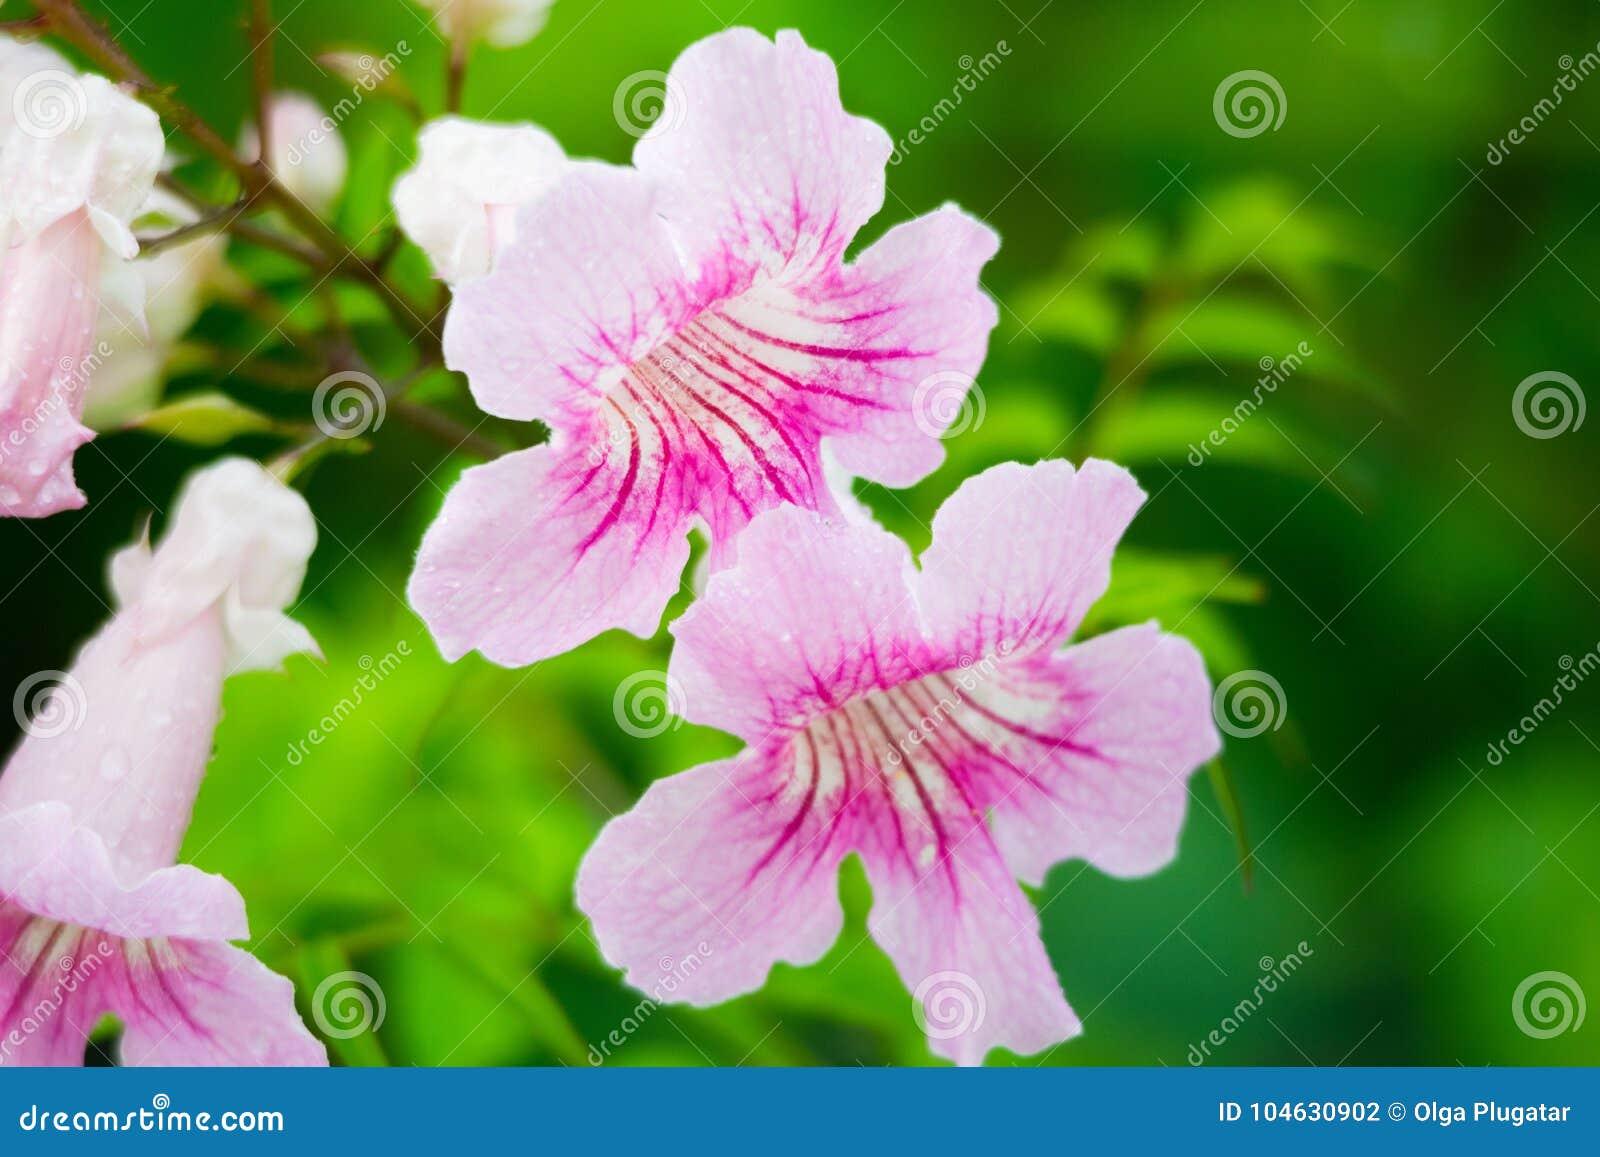 Download Roze Trompetwijnstok, Podranea-ricasoliana, Bloem Stock Foto - Afbeelding bestaande uit trompet, botanisch: 104630902